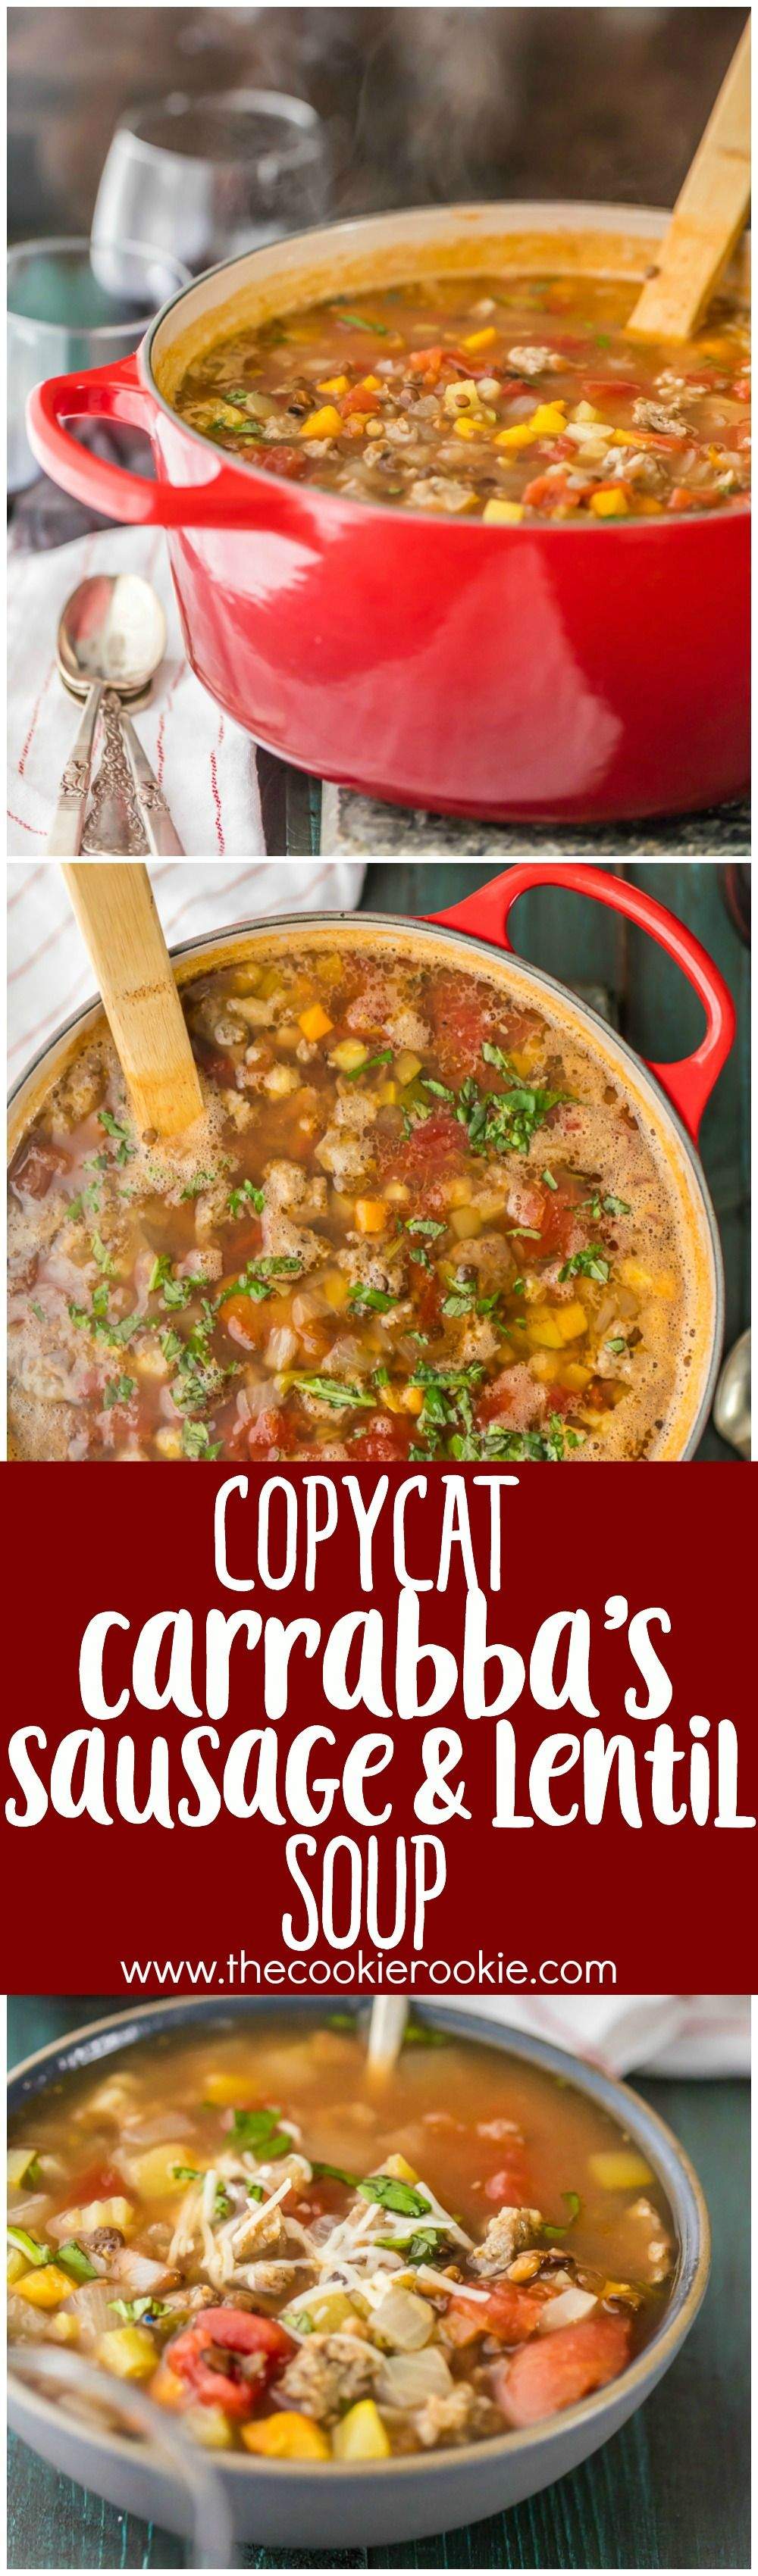 Copycat Carrabba's Sausage and Lentil Soup...your favorite